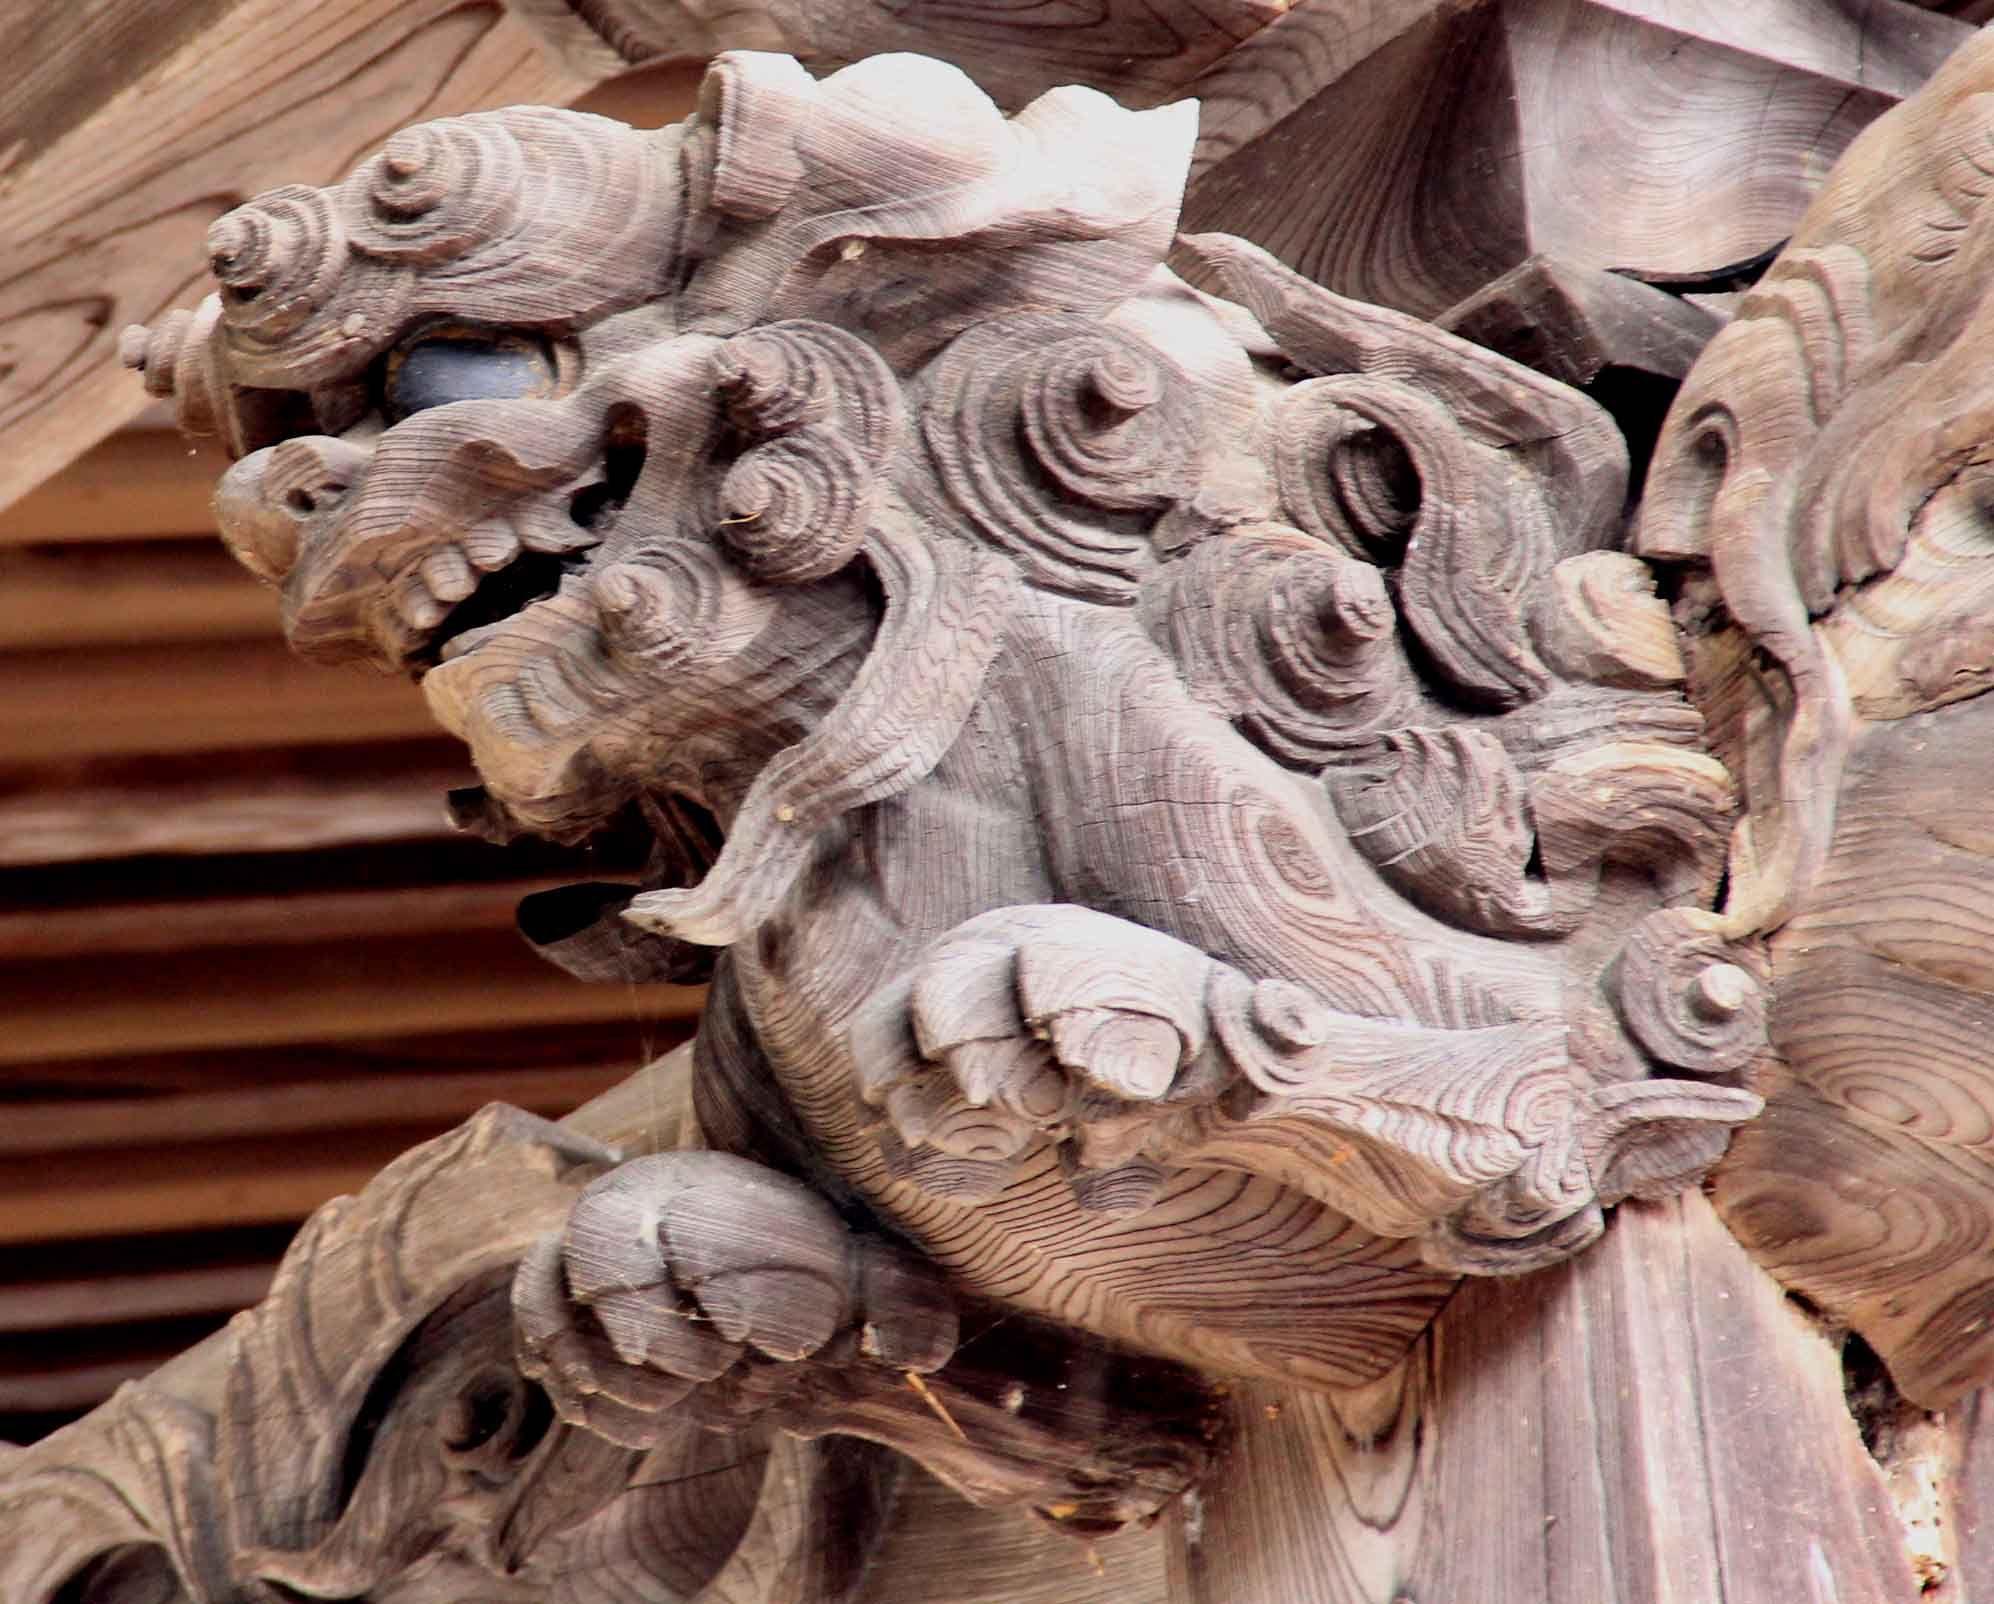 寺社の装飾彫刻 - Google 検索   鬼瓦   Pinterest   Pai and Dragons